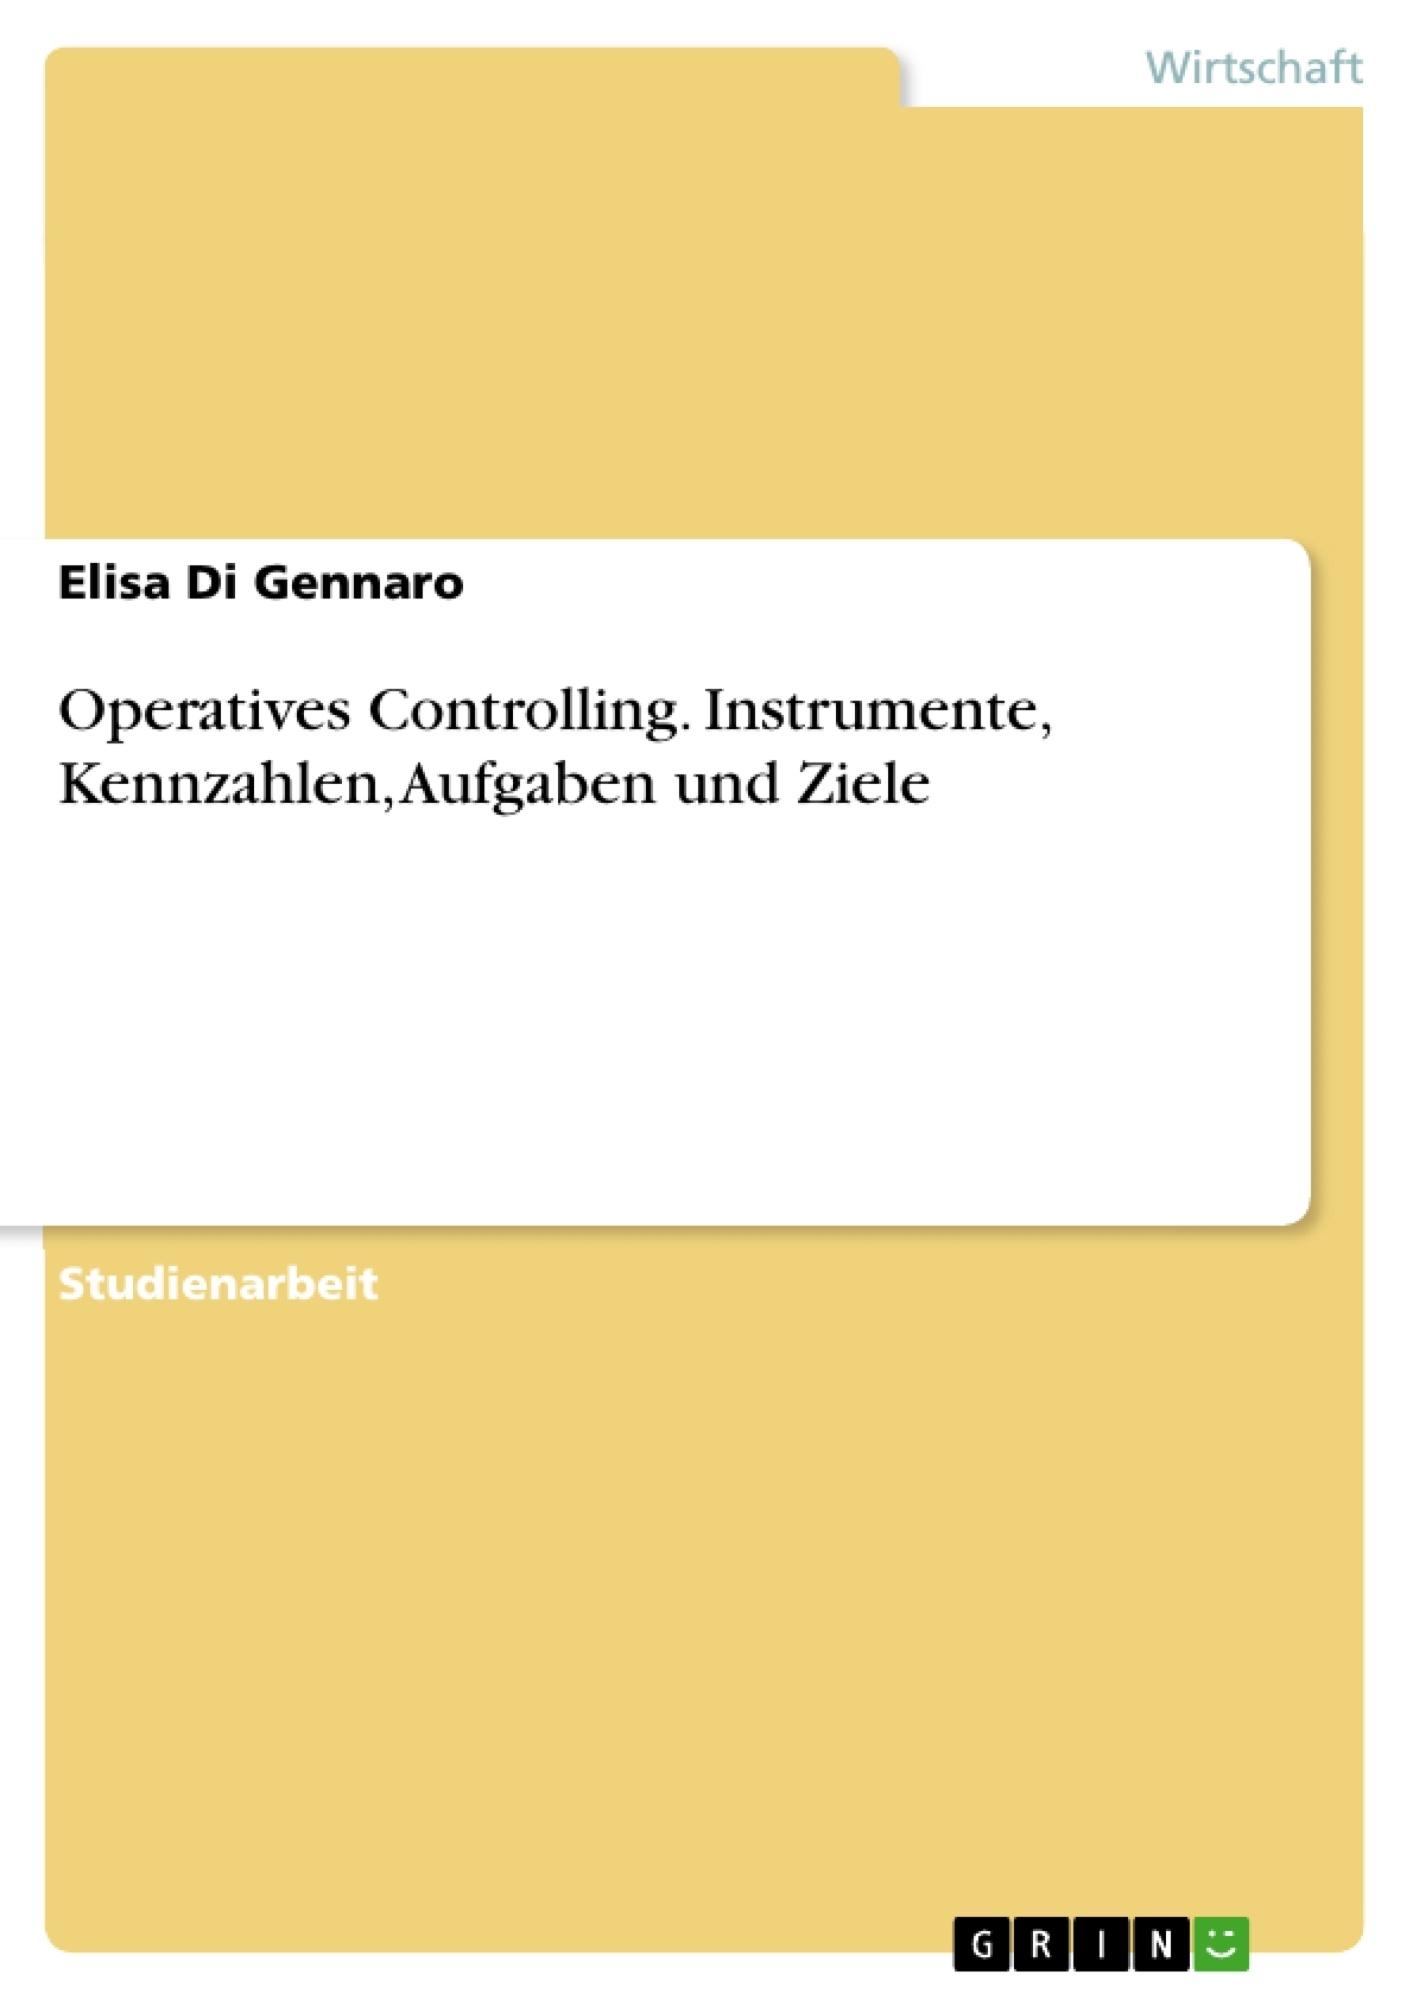 Titel: Operatives Controlling. Instrumente, Kennzahlen, Aufgaben und Ziele